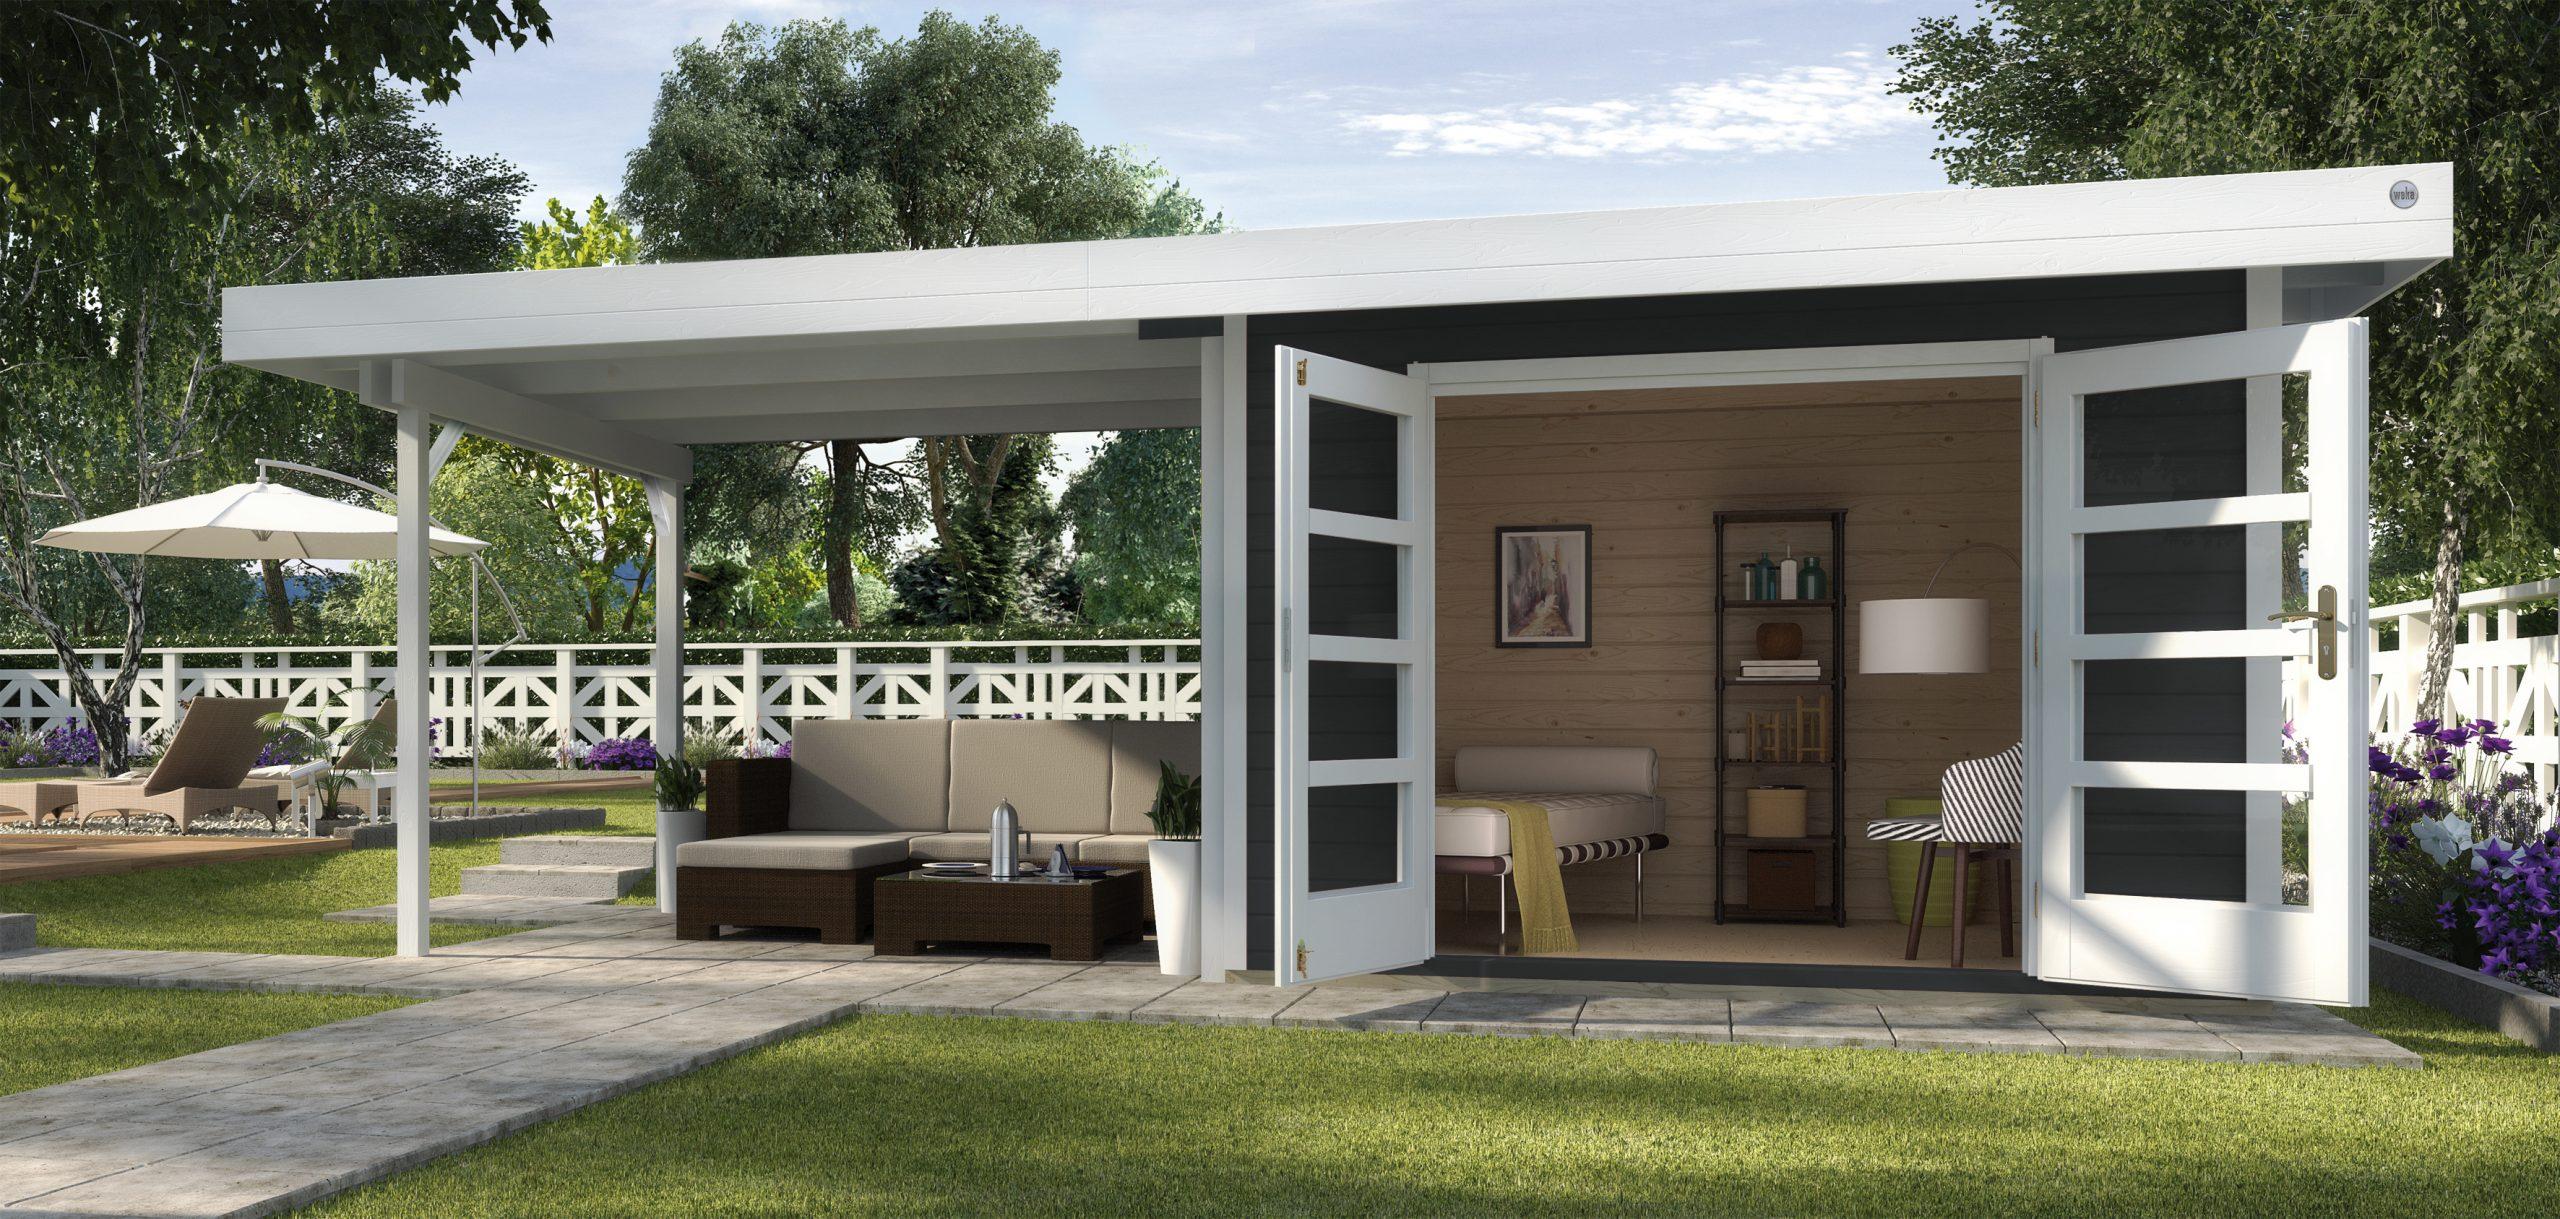 Abri De Jardin Design Toit Plat Avec Auvent - Abri Bois De 10 À 15 M² Nea  Concept concernant Abri De Jardin Avec Auvent